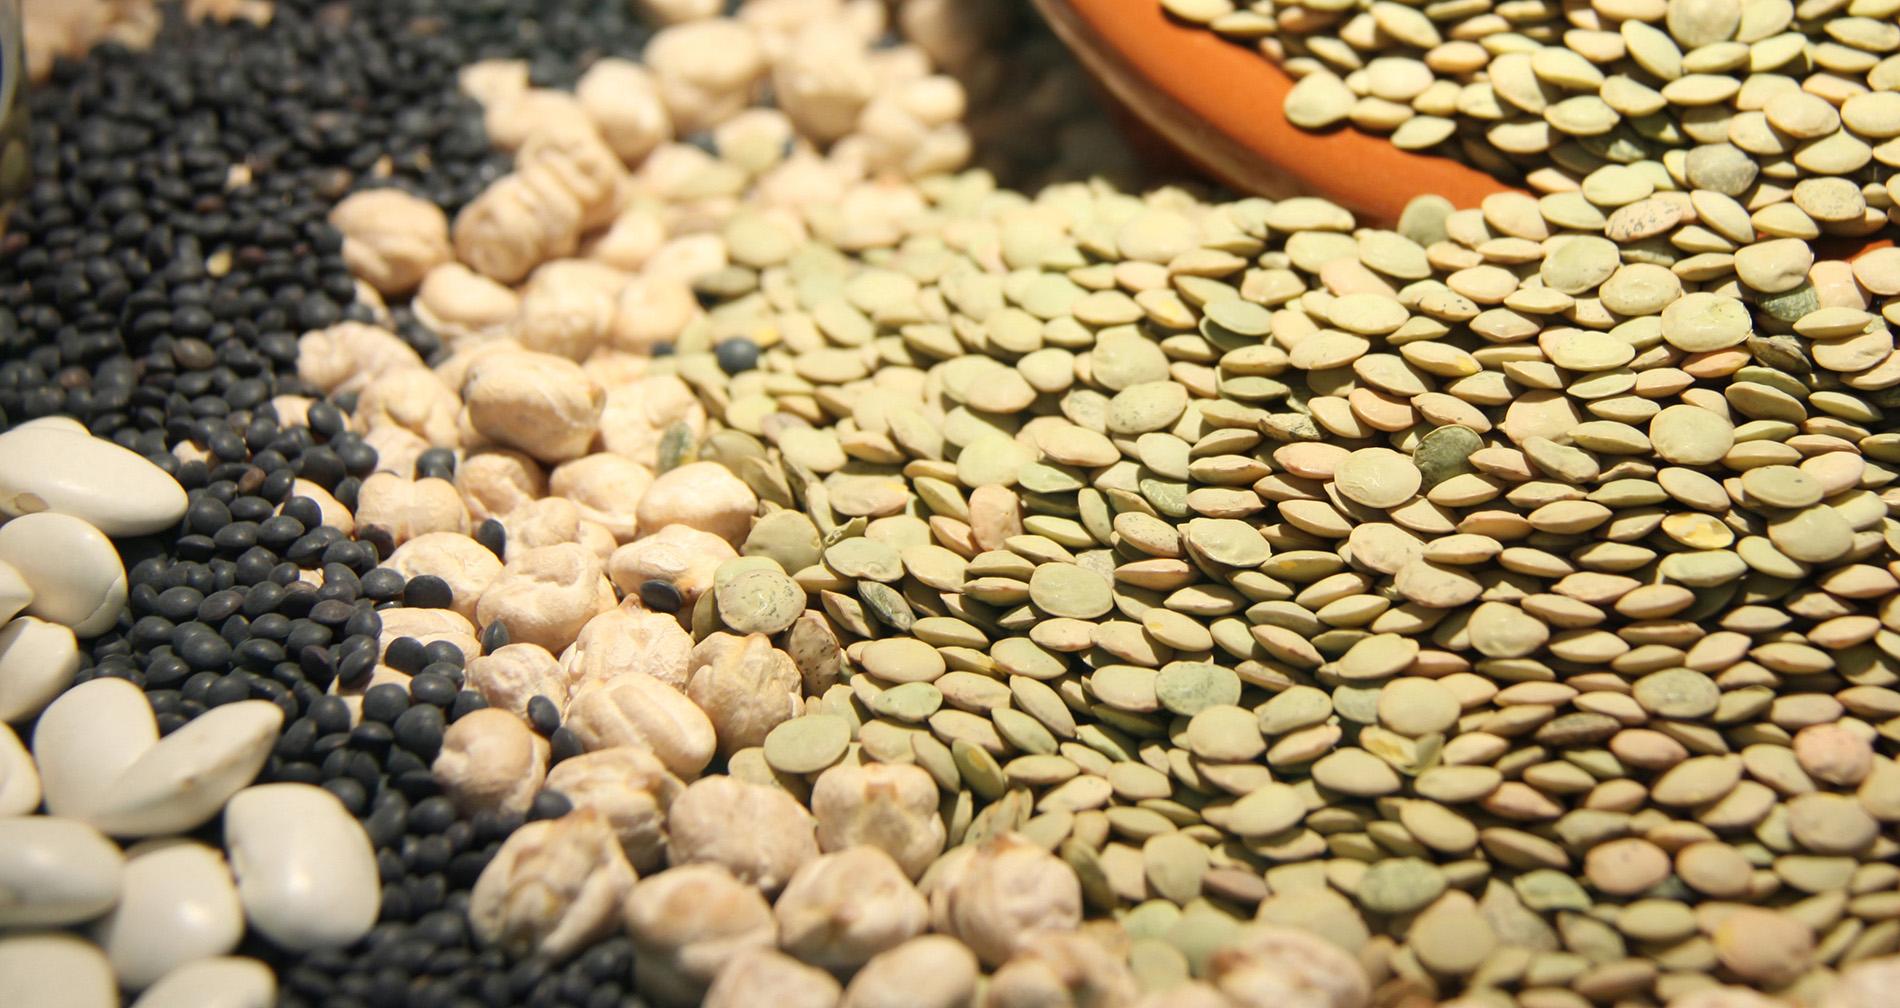 4.-Las legumbres aportan importantes beneficios para la salud